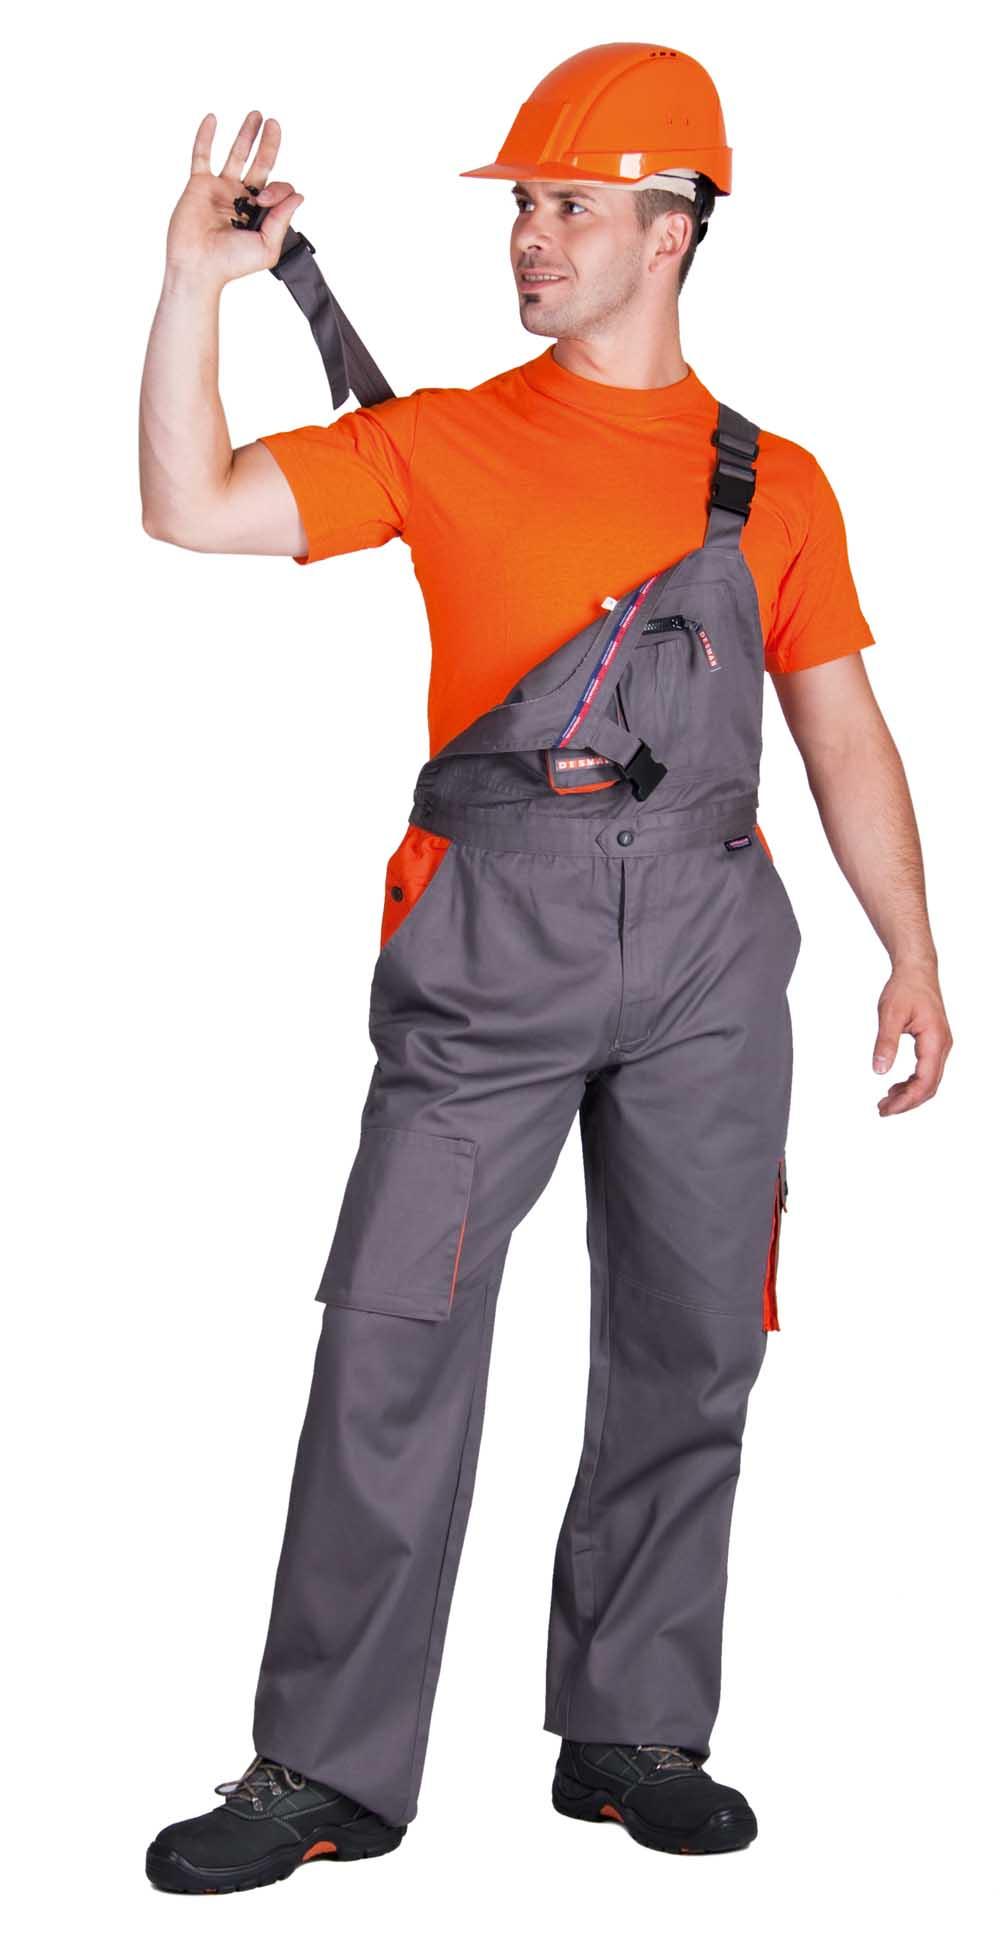 DESMAN kertész nadrág szürke/narancs